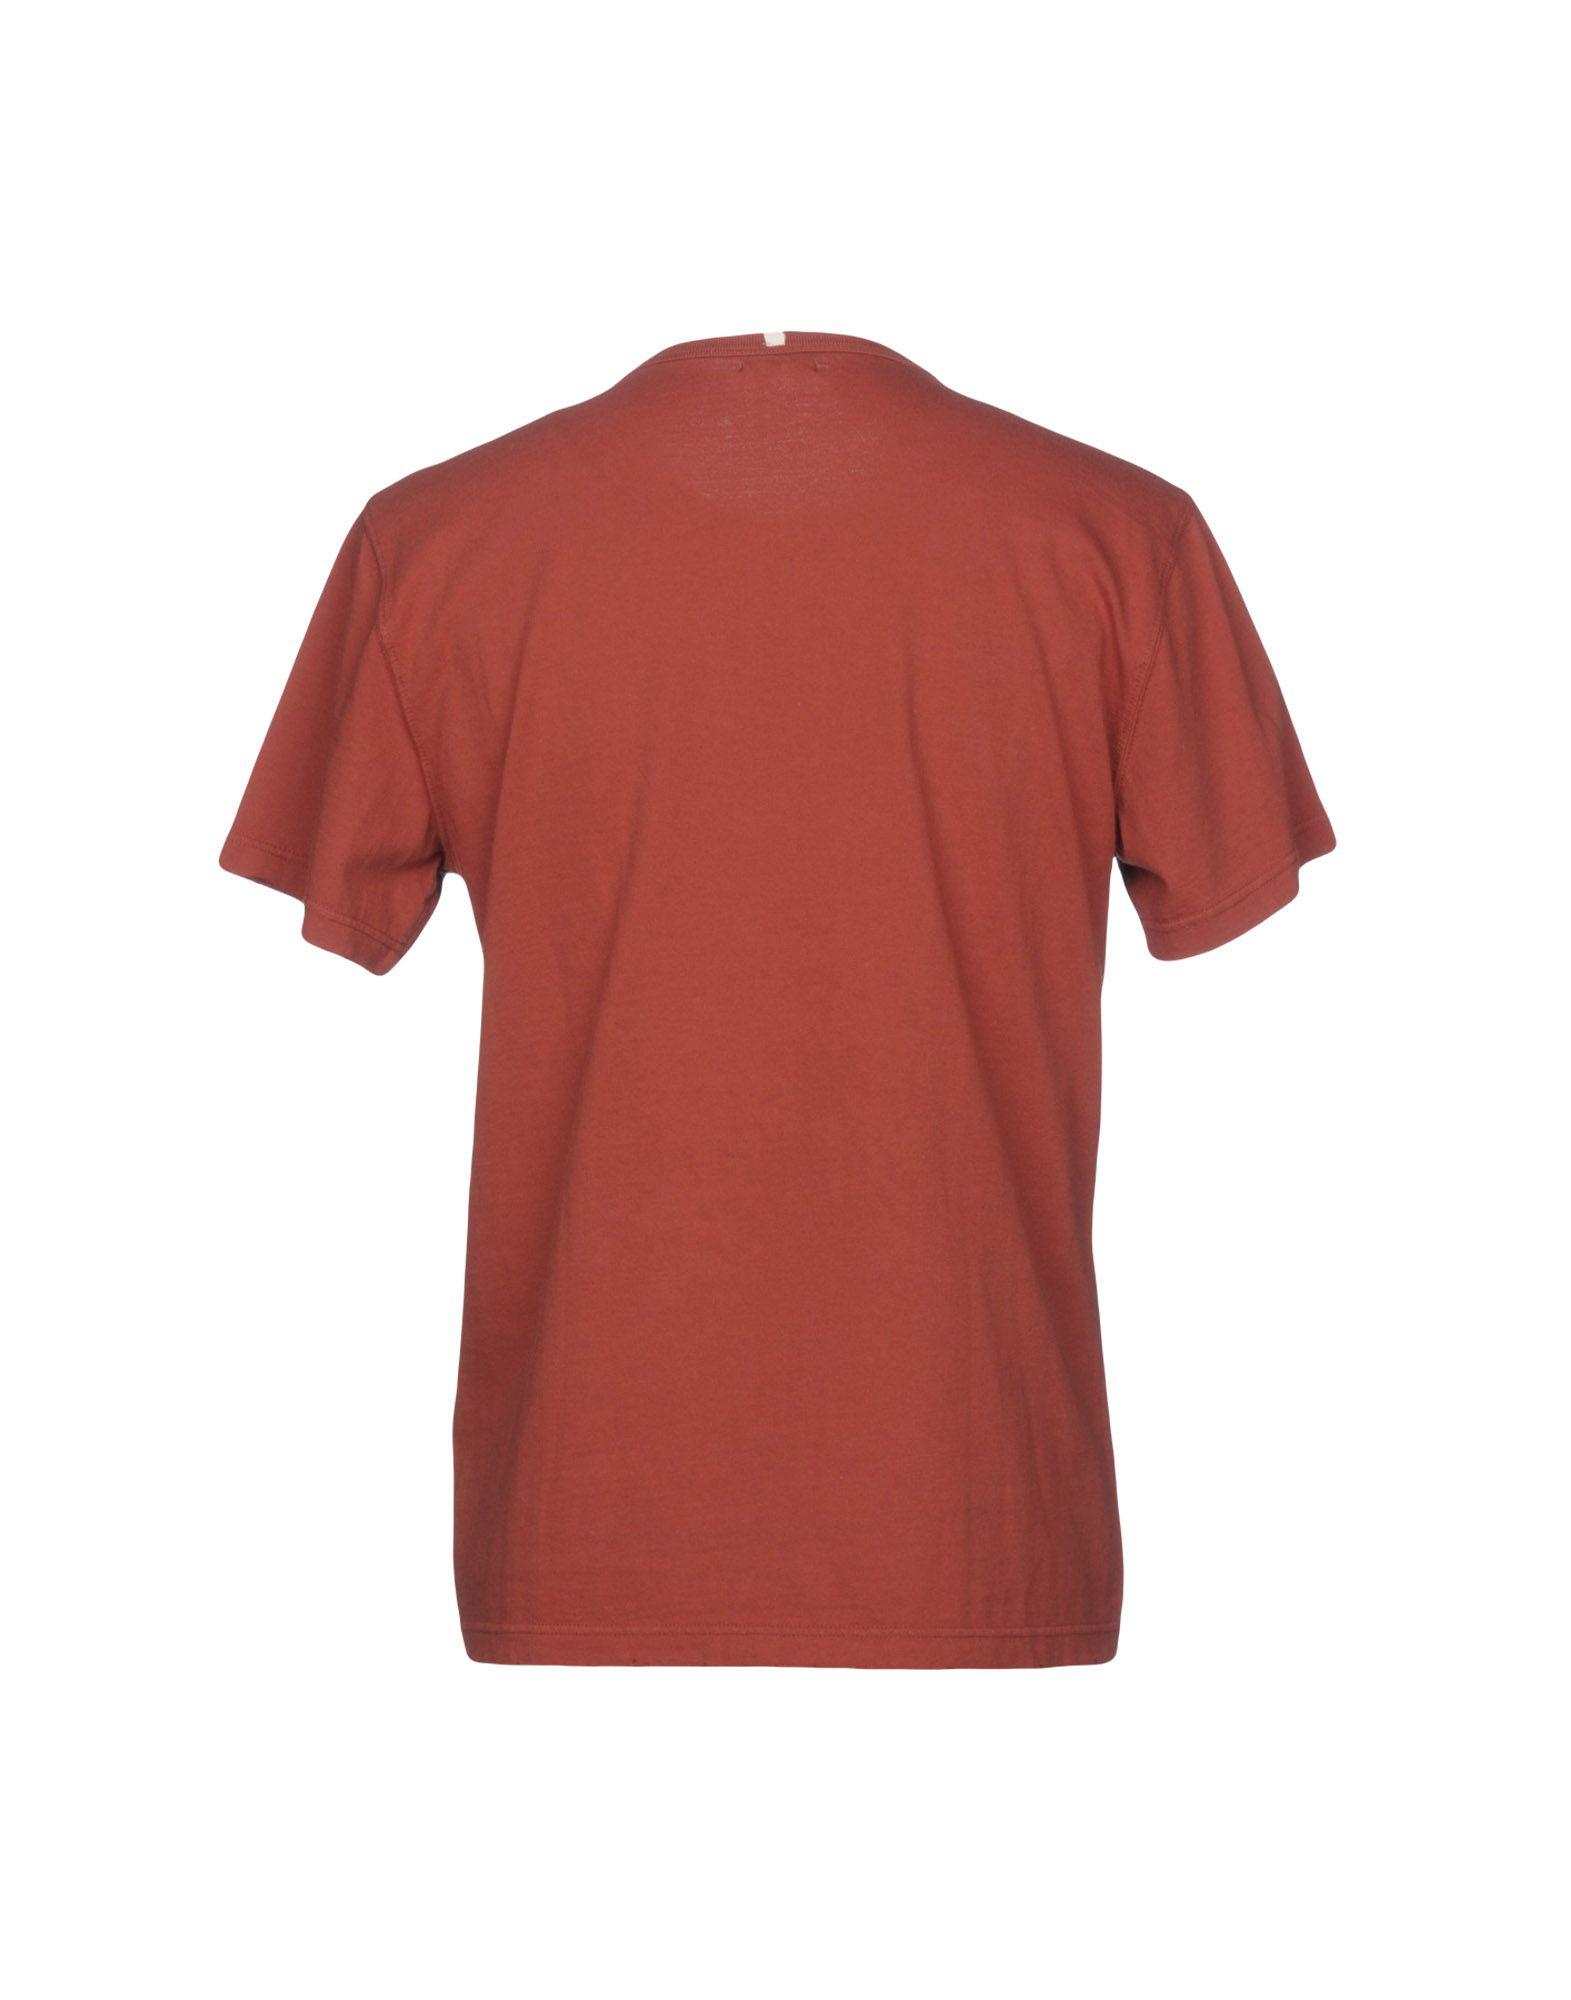 T-Shirt Uomo (+) People Uomo T-Shirt - 12170176WE bdb8b2